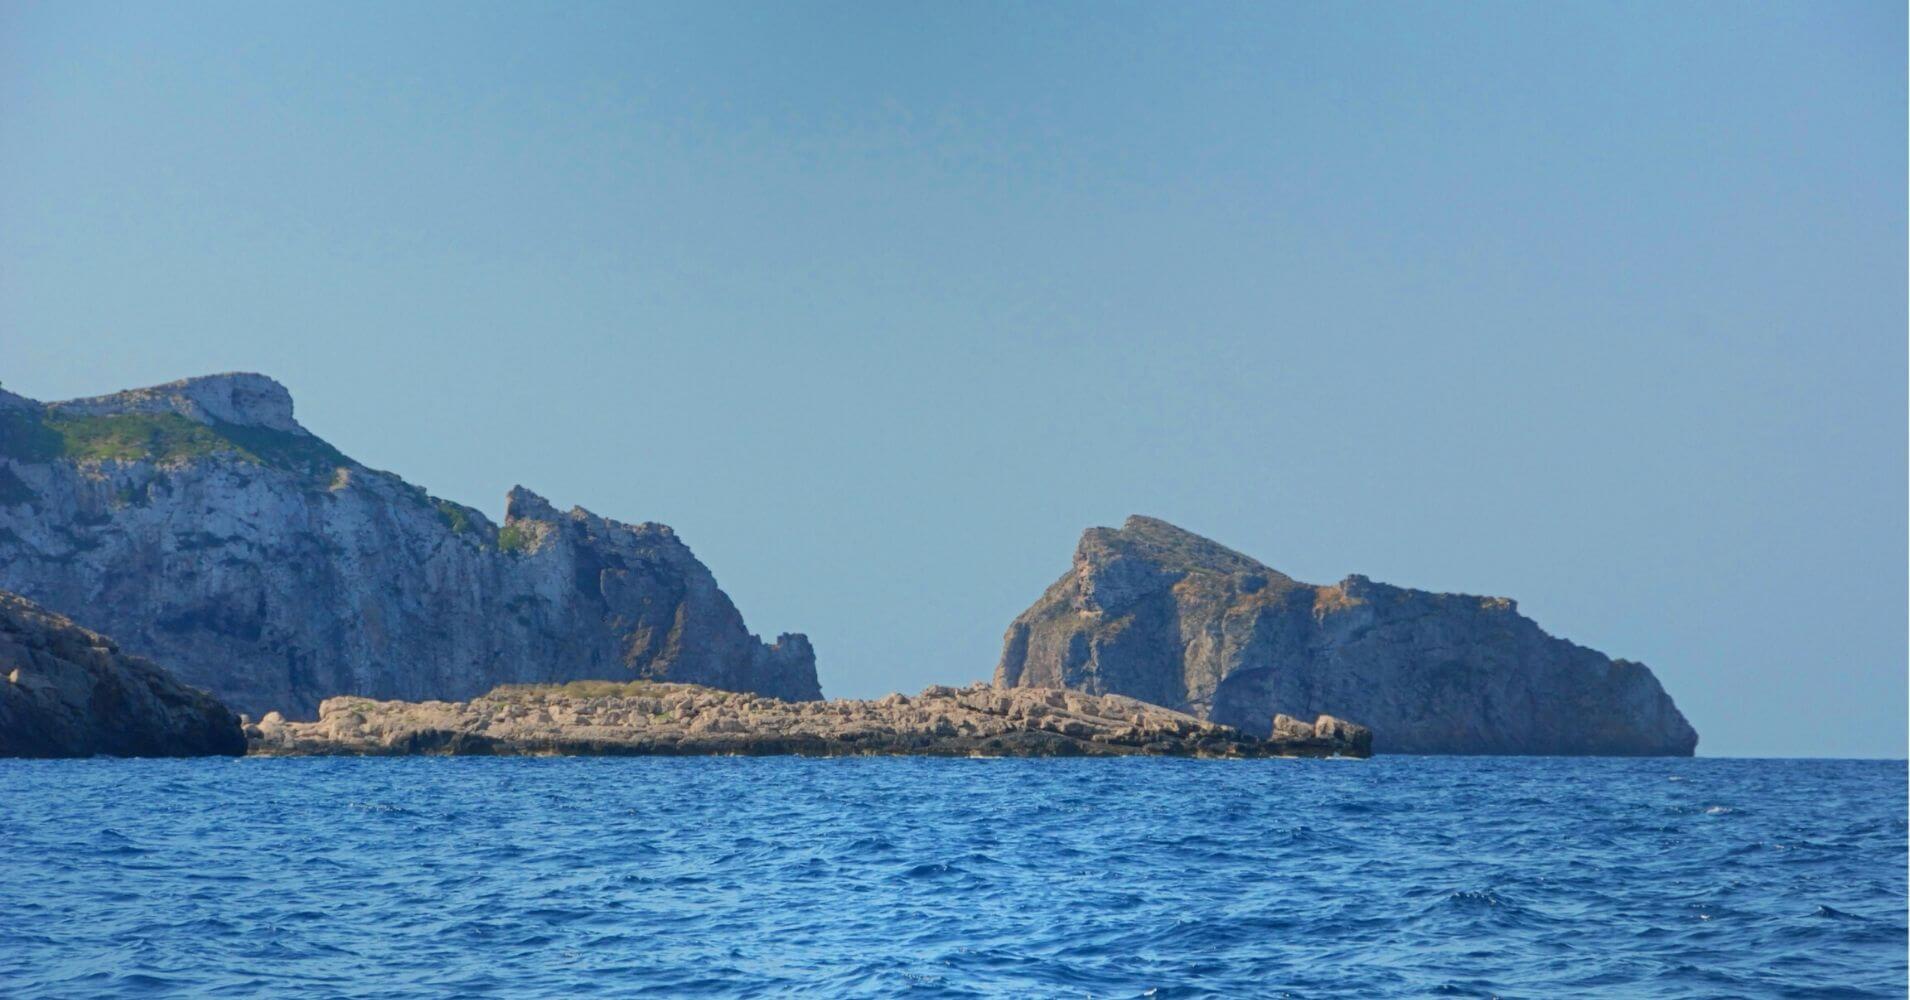 Islas e Islotes de La Cabrera. Islas Baleares.